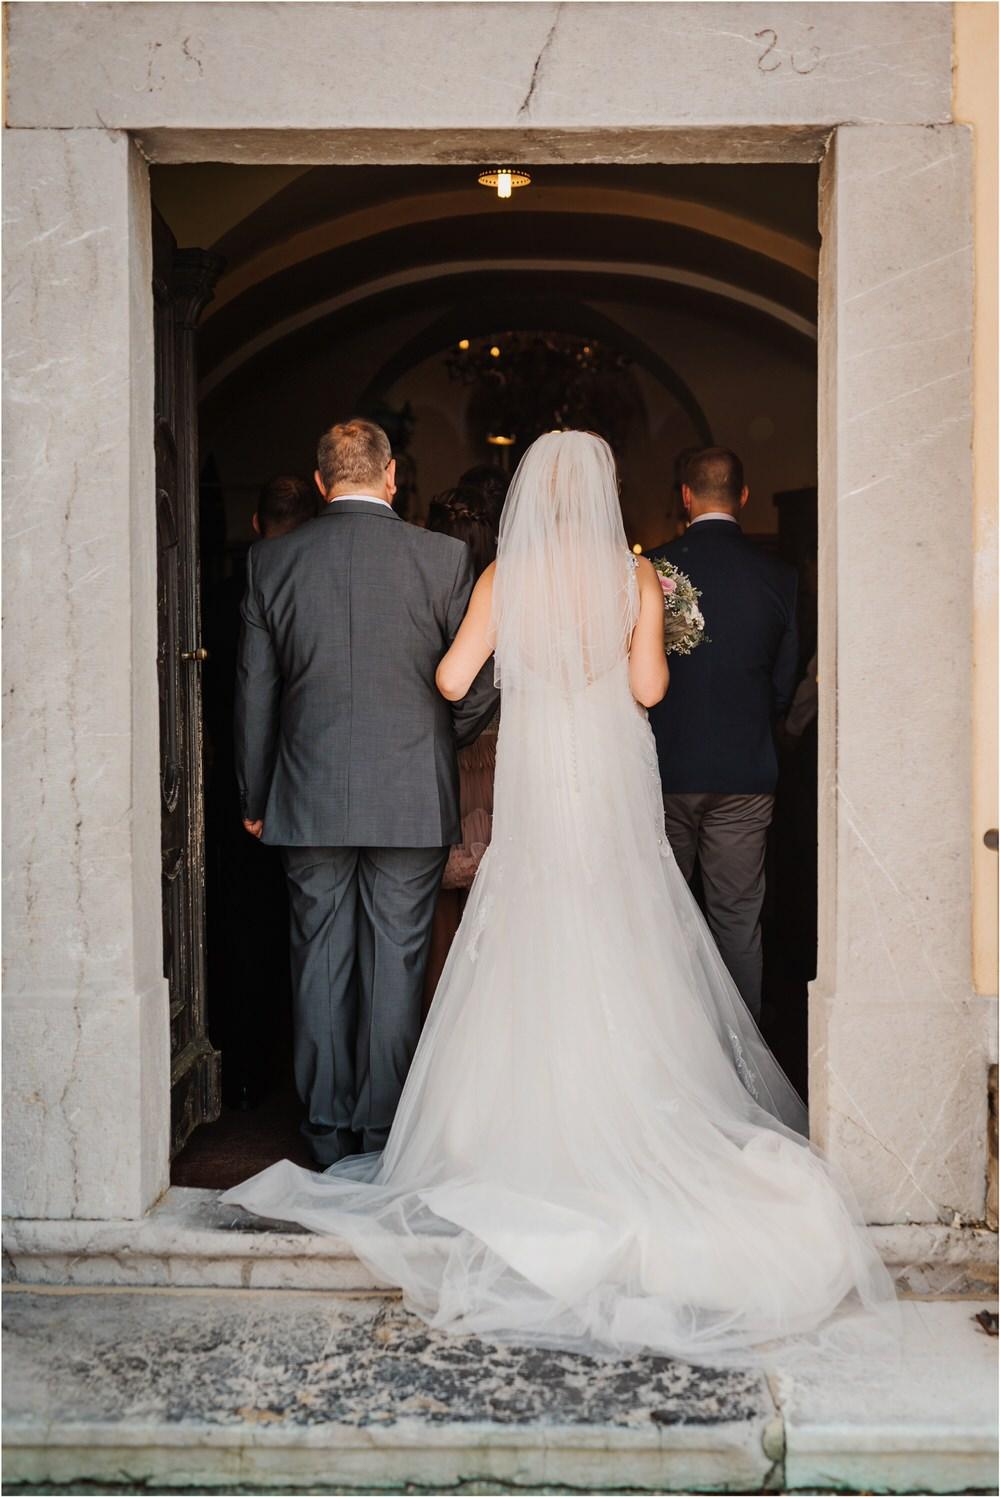 tuscany italy wedding photographer croatia austria france ireland lake bled engagement wedding porocni fotograf 0025.jpg